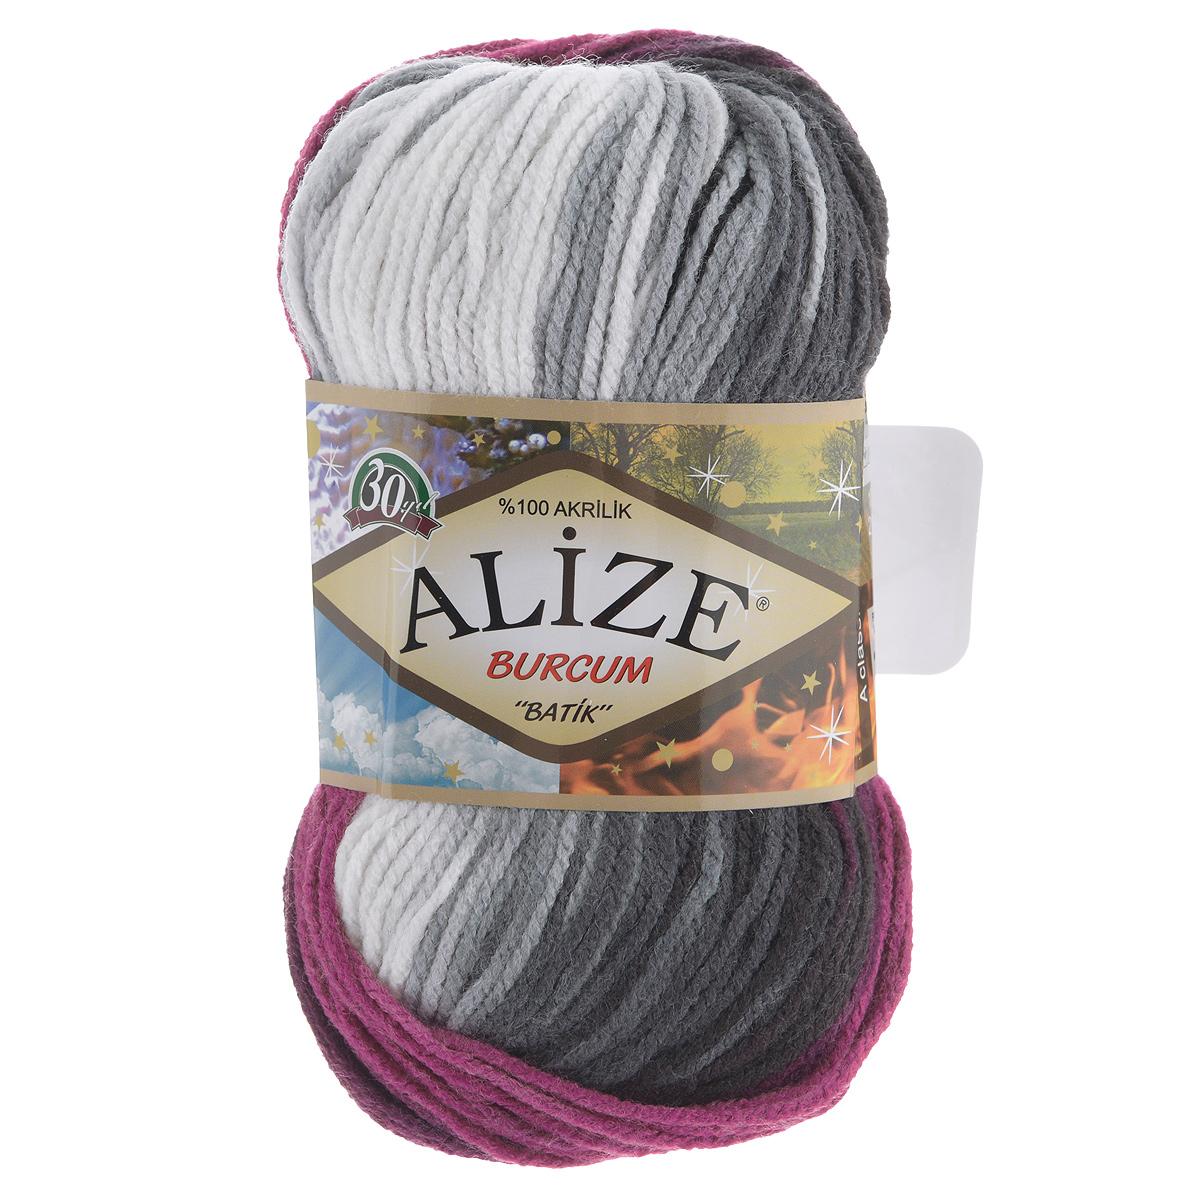 Пряжа для вязания Alize Burсum Batik, цвет: малиновый, белый, черный (4202), 210 м, 100 г, 5 шт364118_4202Пряжа Alize Burсum Batik - это классическая демисезонная пряжа секционного крашения. Она мягкая, «нескрипучая». Нить плотно скручена, после распускания не деформируется. Связанные вещи не колются, не линяют, не теряют своей формы, не образуют катышков. Такую пряжу можно даже использовать для вязания детской одежды. Пряжа Alize Burсum Batik идеальна для создания свитеров, регланов, жилетов, кардиганов, шарфов, шапок, аксессуаров, пледов и др. Рекомендованные спицы для вязания 4-6 мм. Состав: 100% акрил.